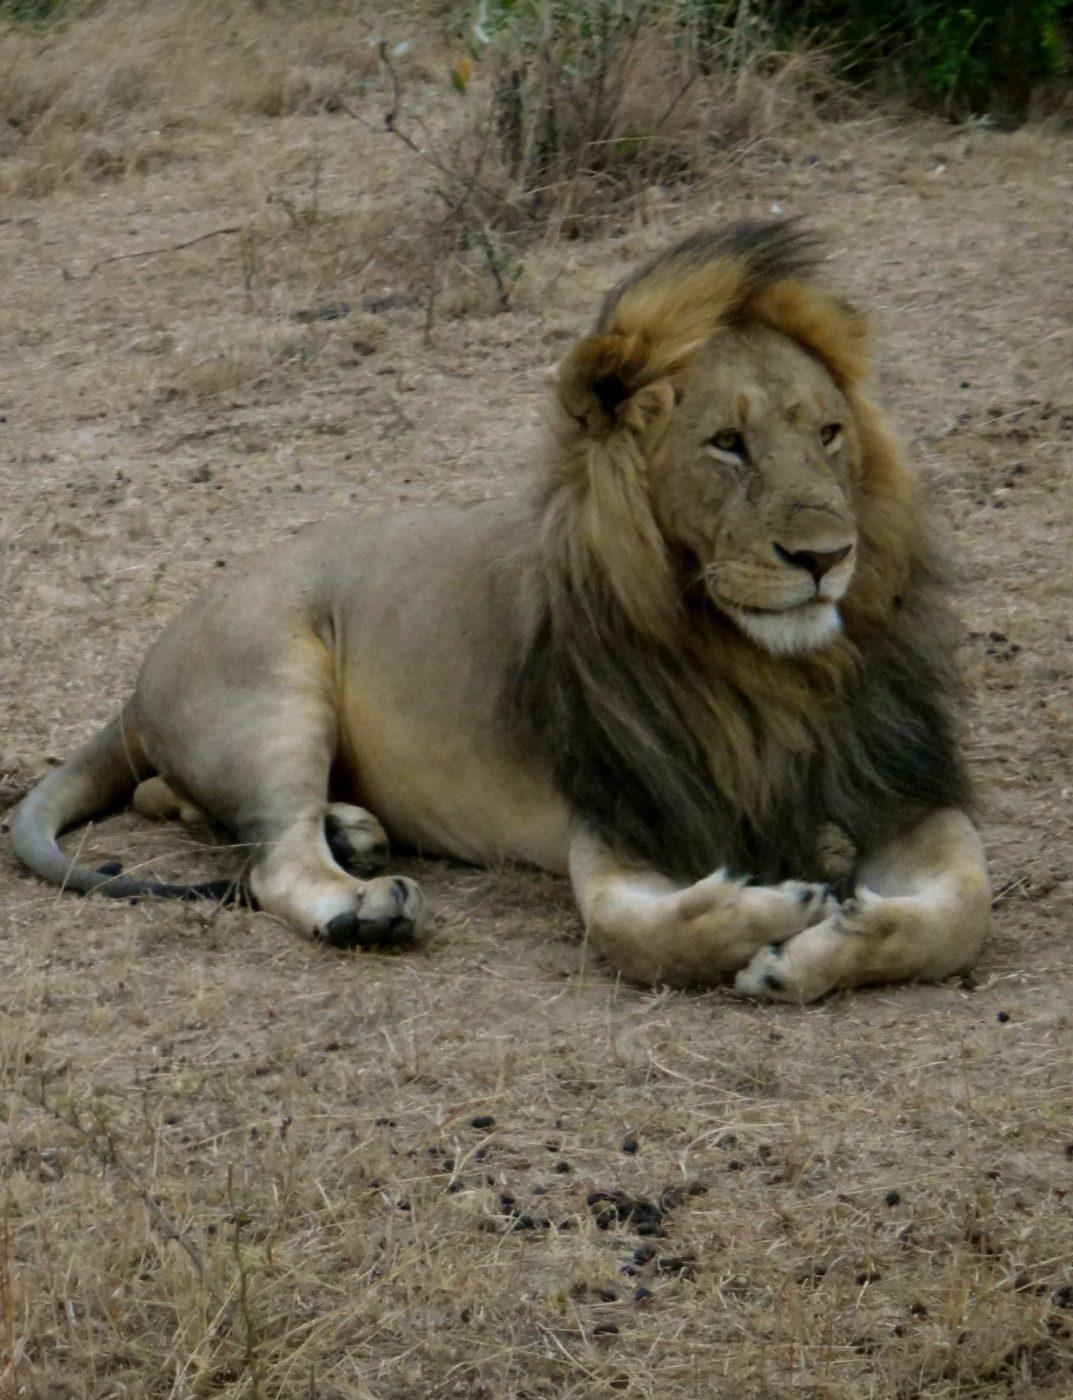 非洲的野生动物园需要多少钱?| 一步之遥4W